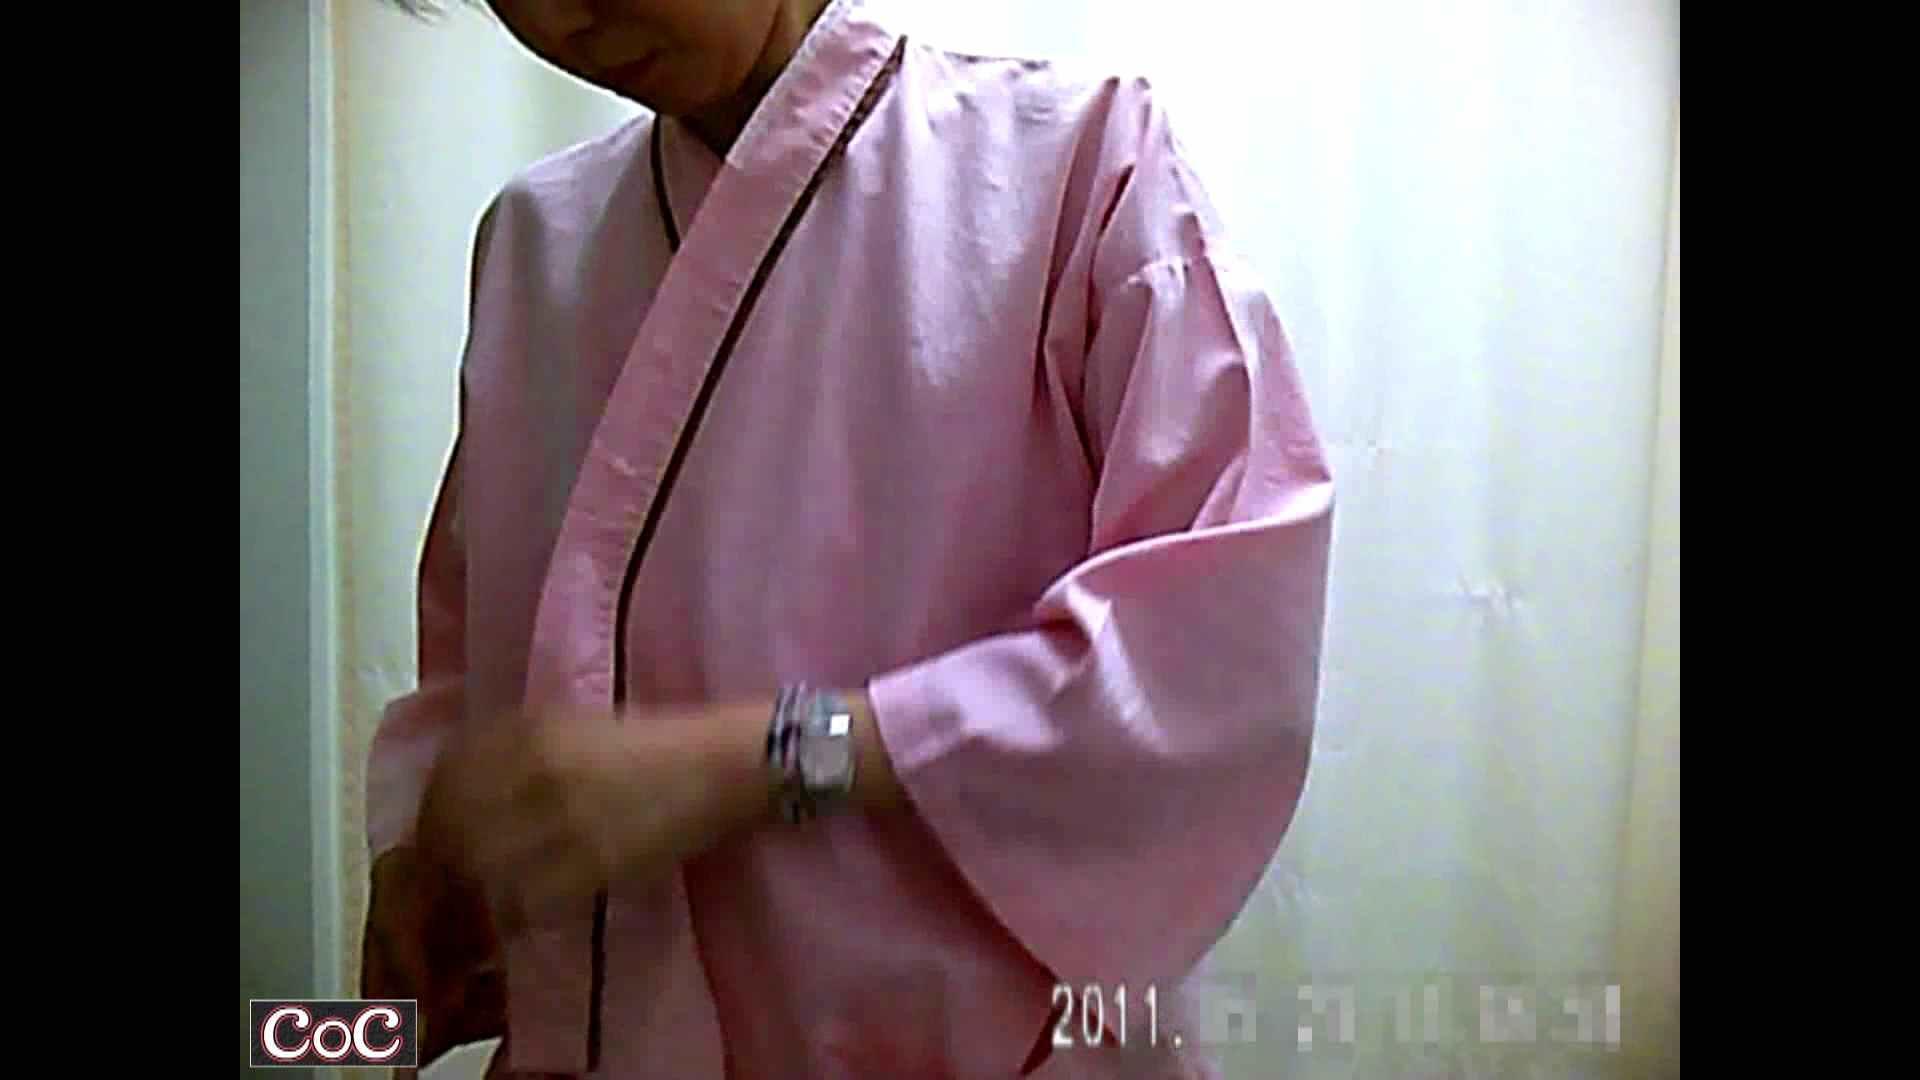 元医者による反抗 更衣室地獄絵巻 vol.164 OL  80pic 20